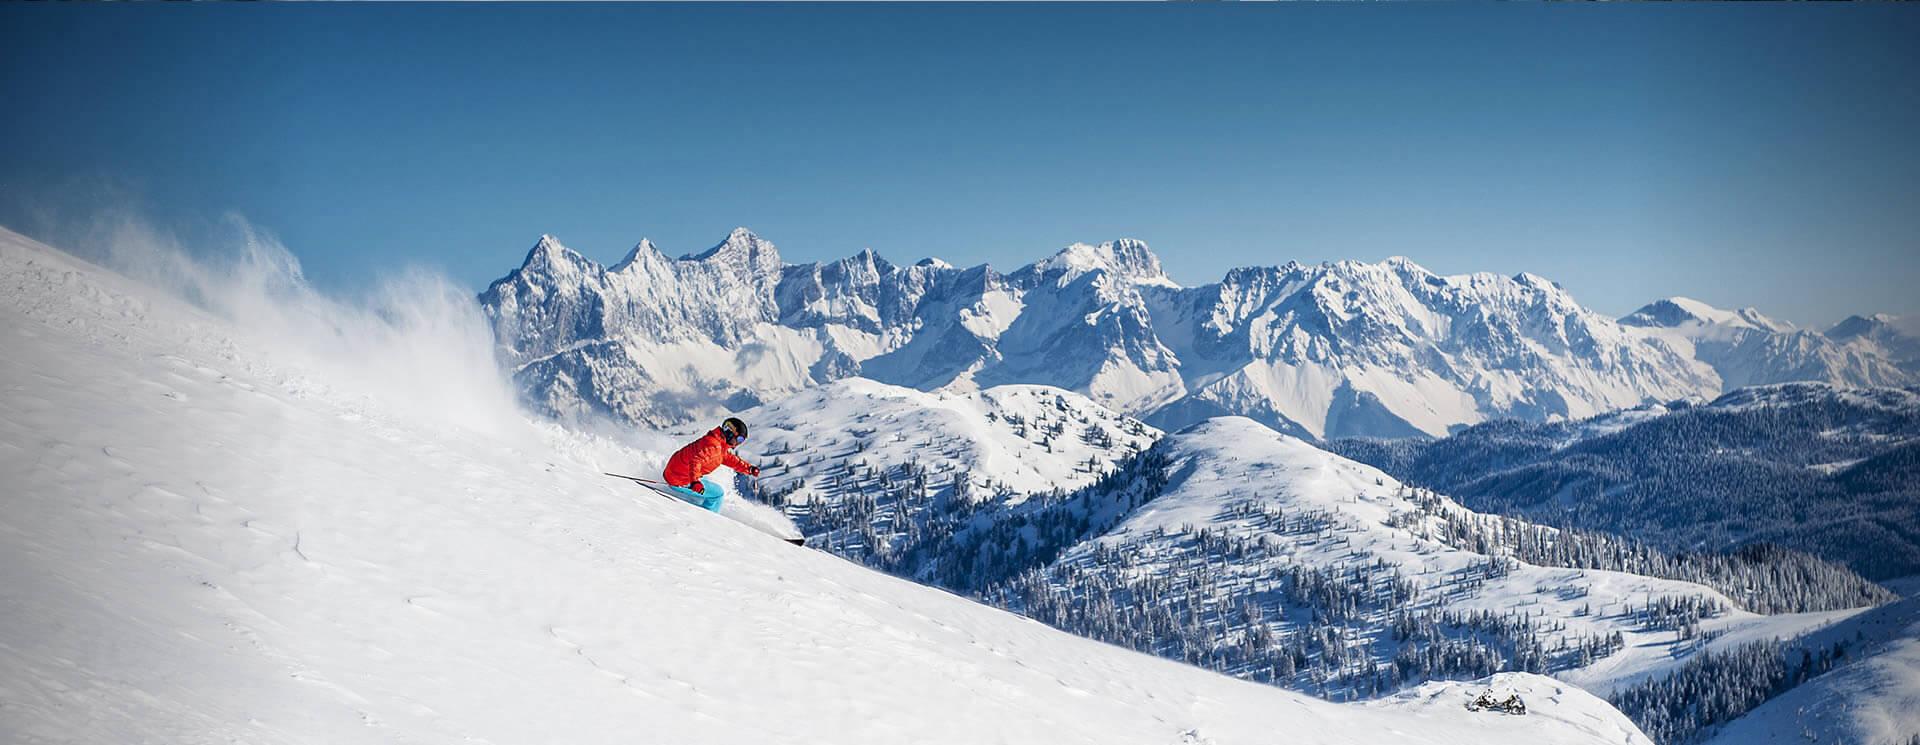 Skifahren & Snowboarden im Skiverbund Ski amadé